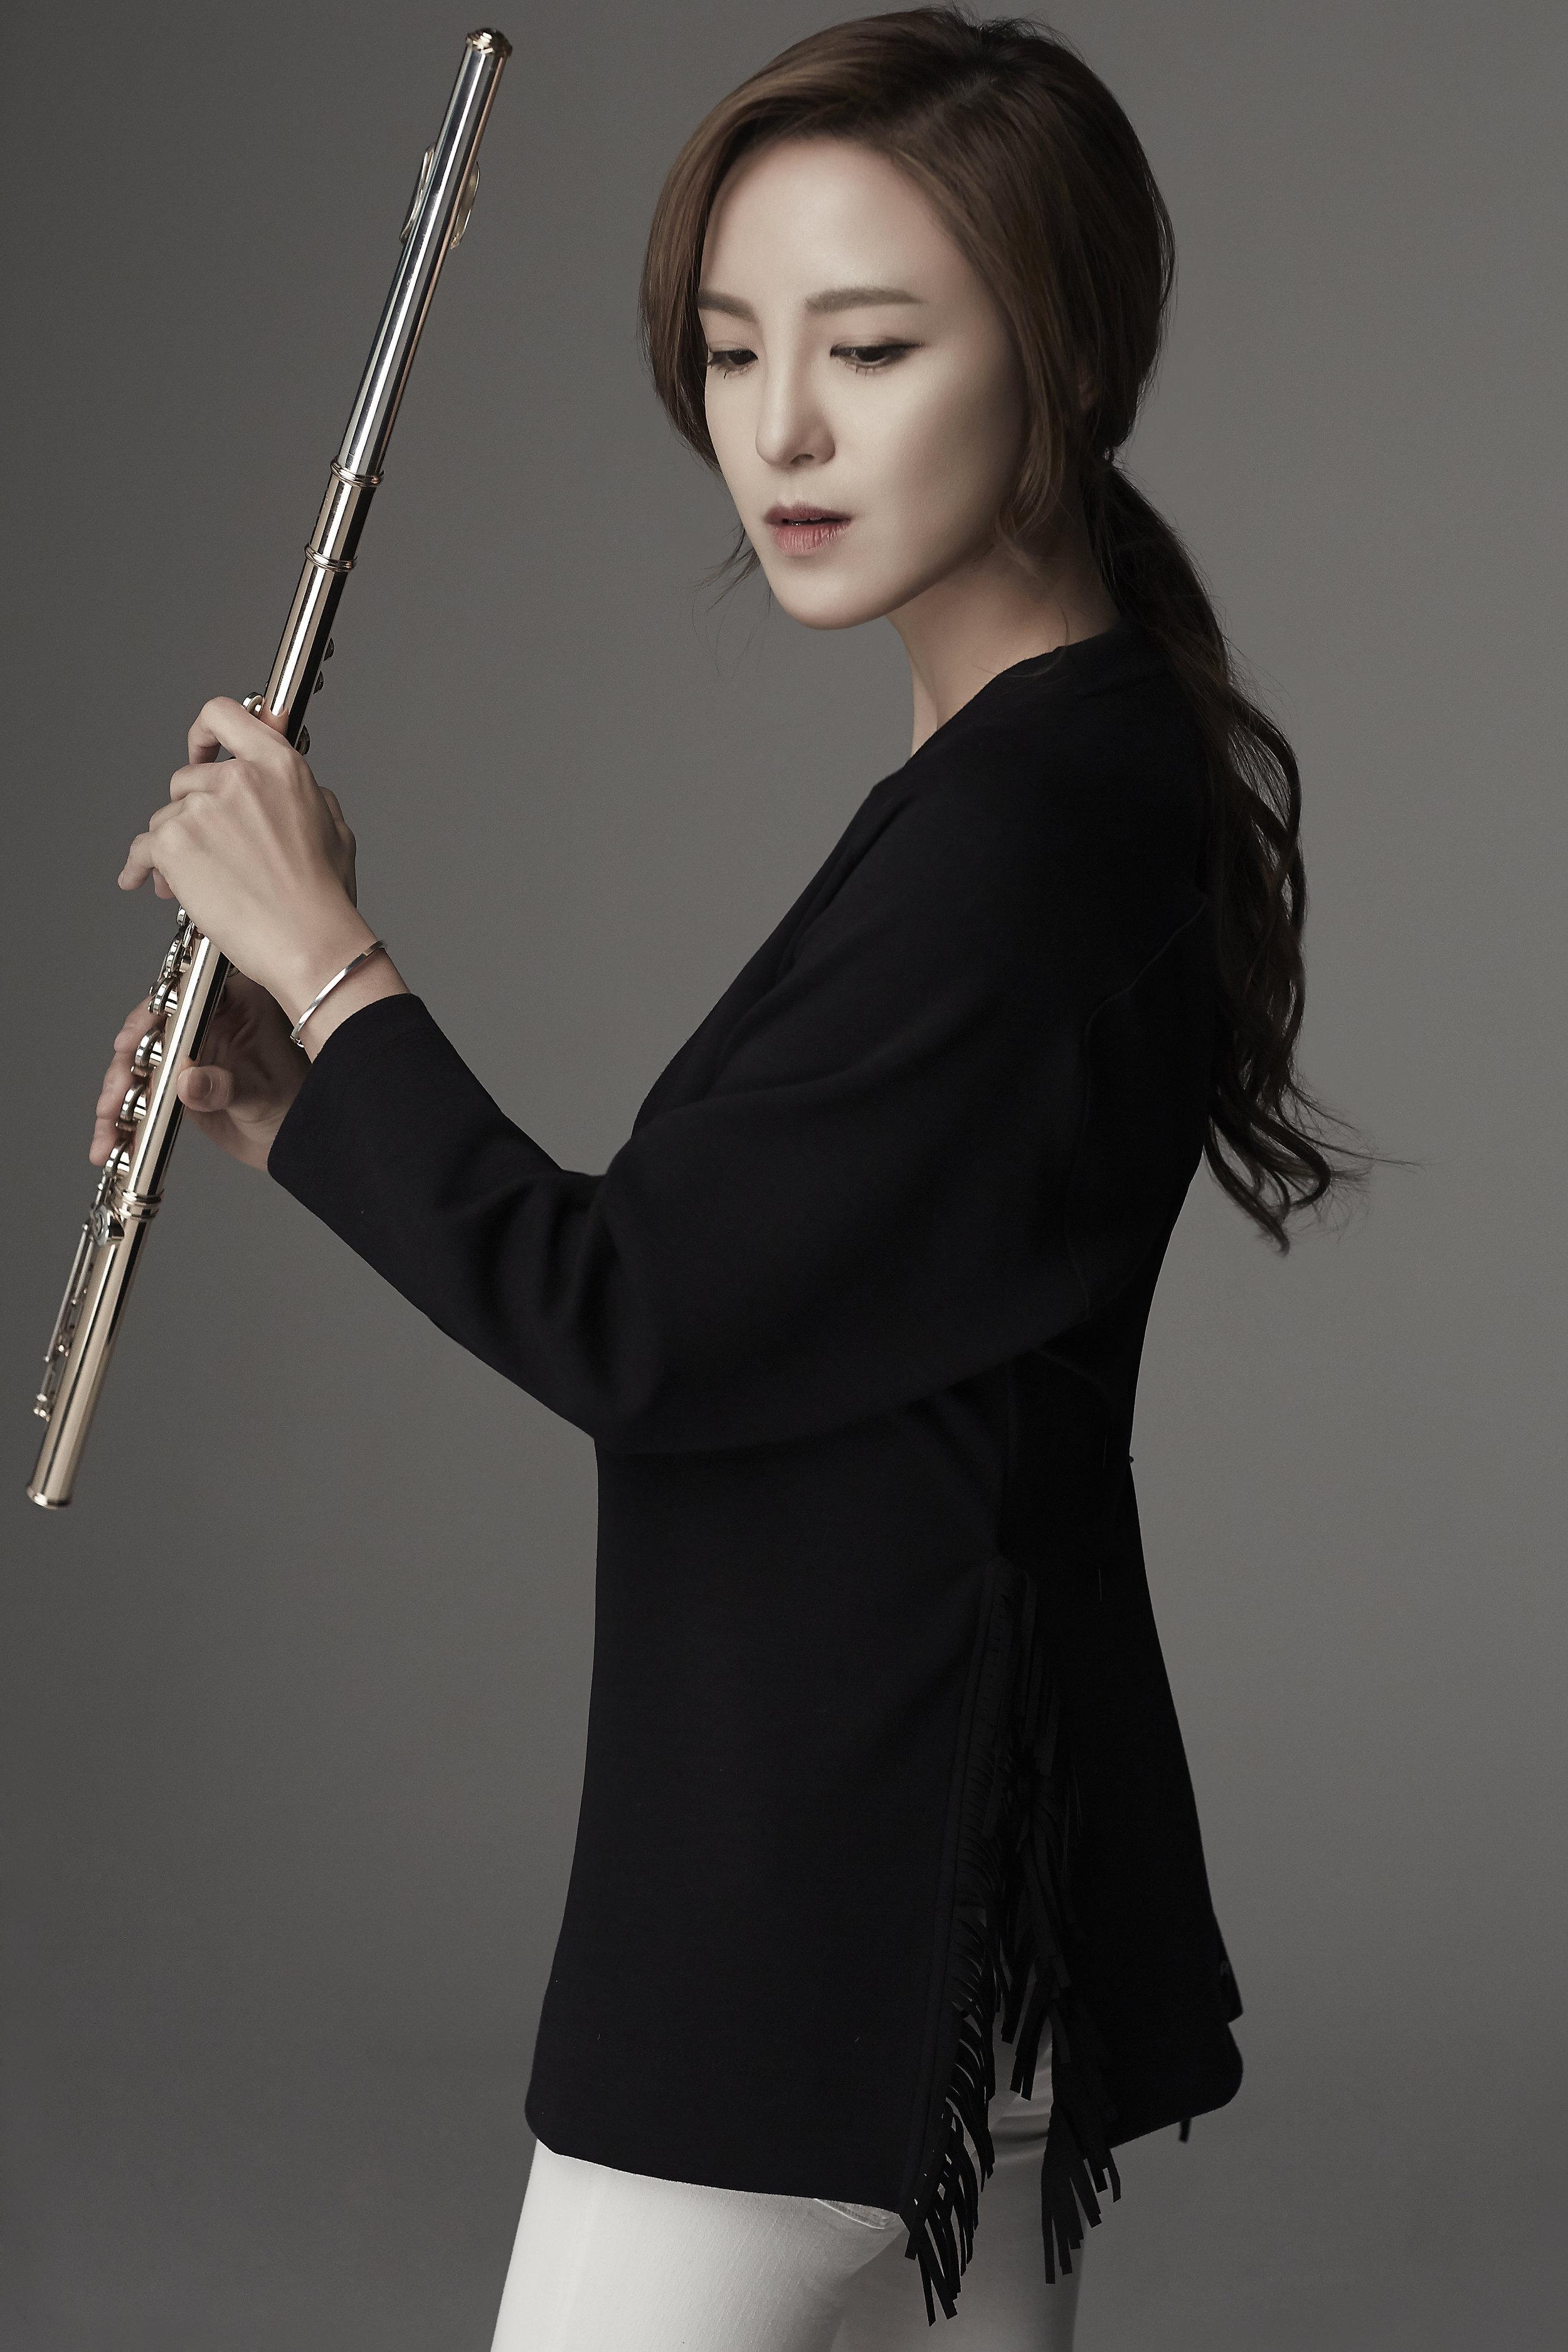 03-32154(C)Sangwook Lee.jpg